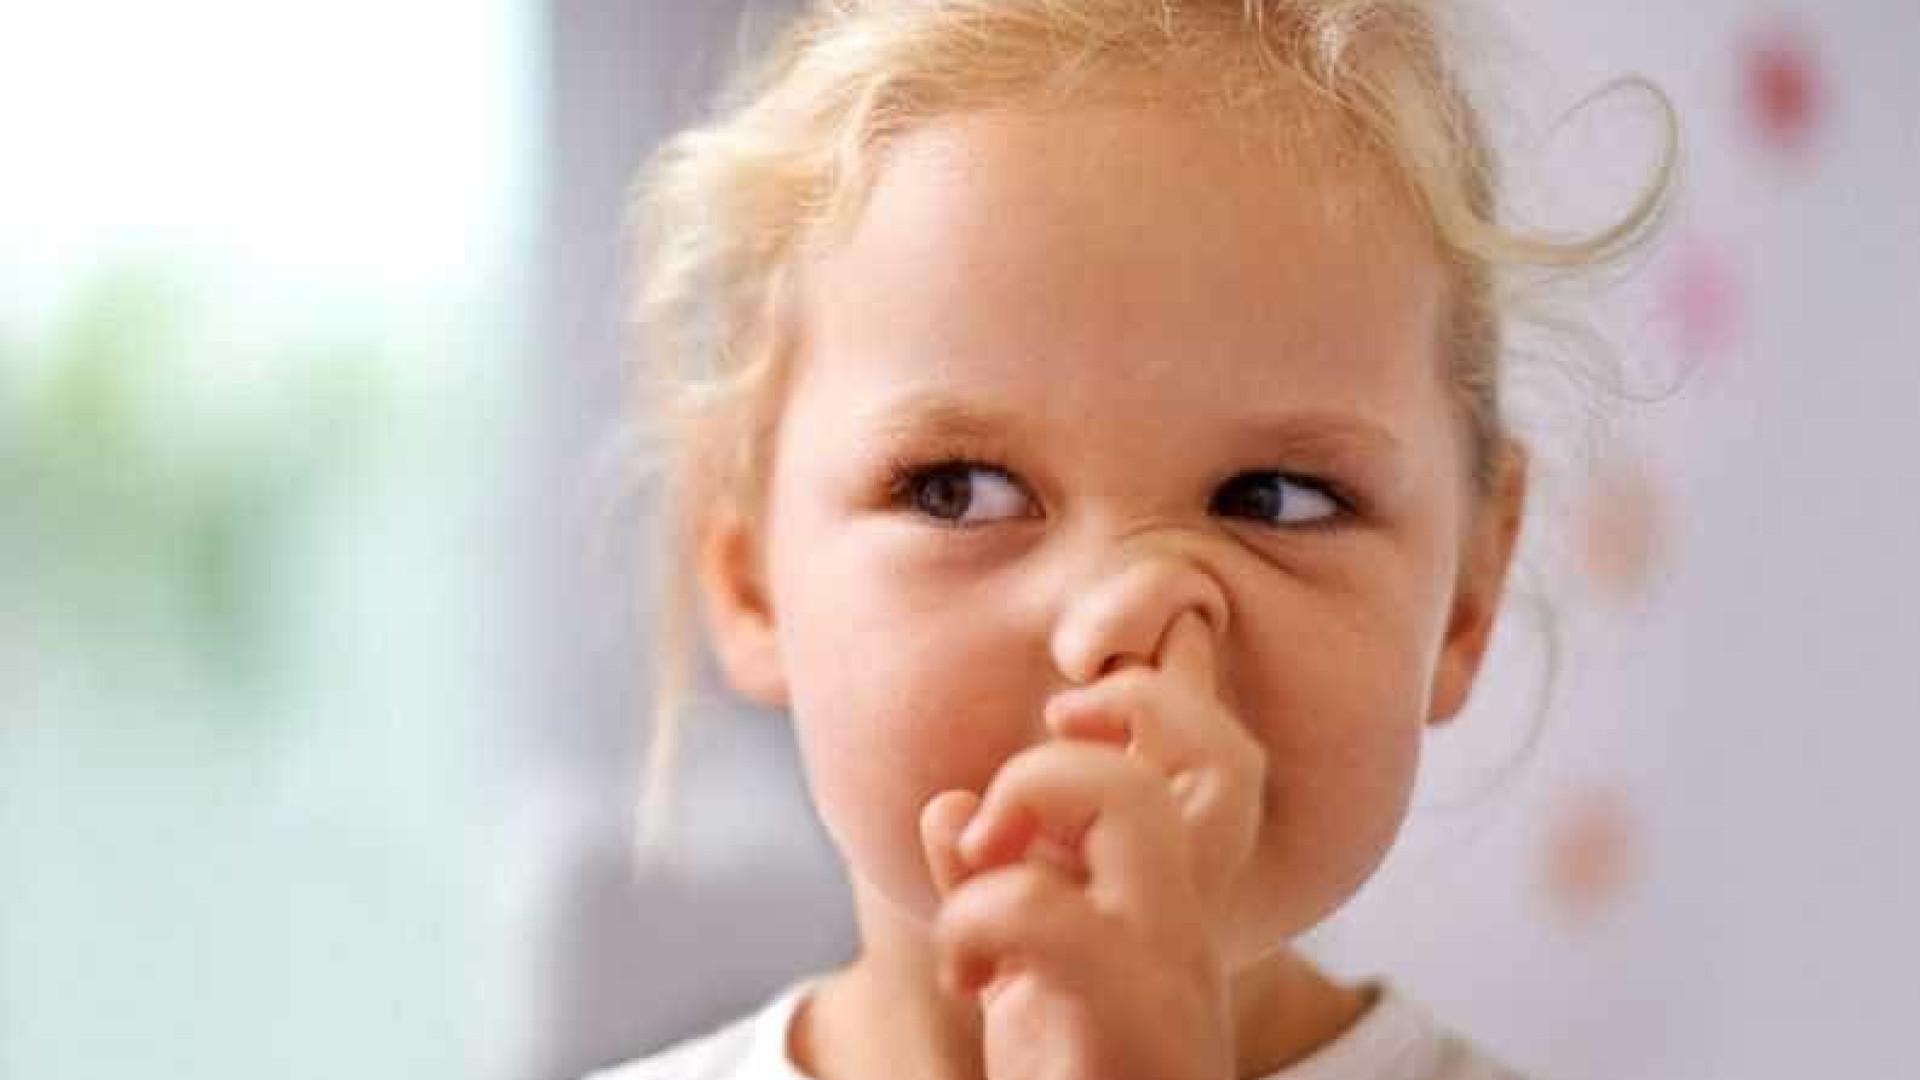 Tirar 'melecas' do nariz e comer faz bem à saúde, diz estudo